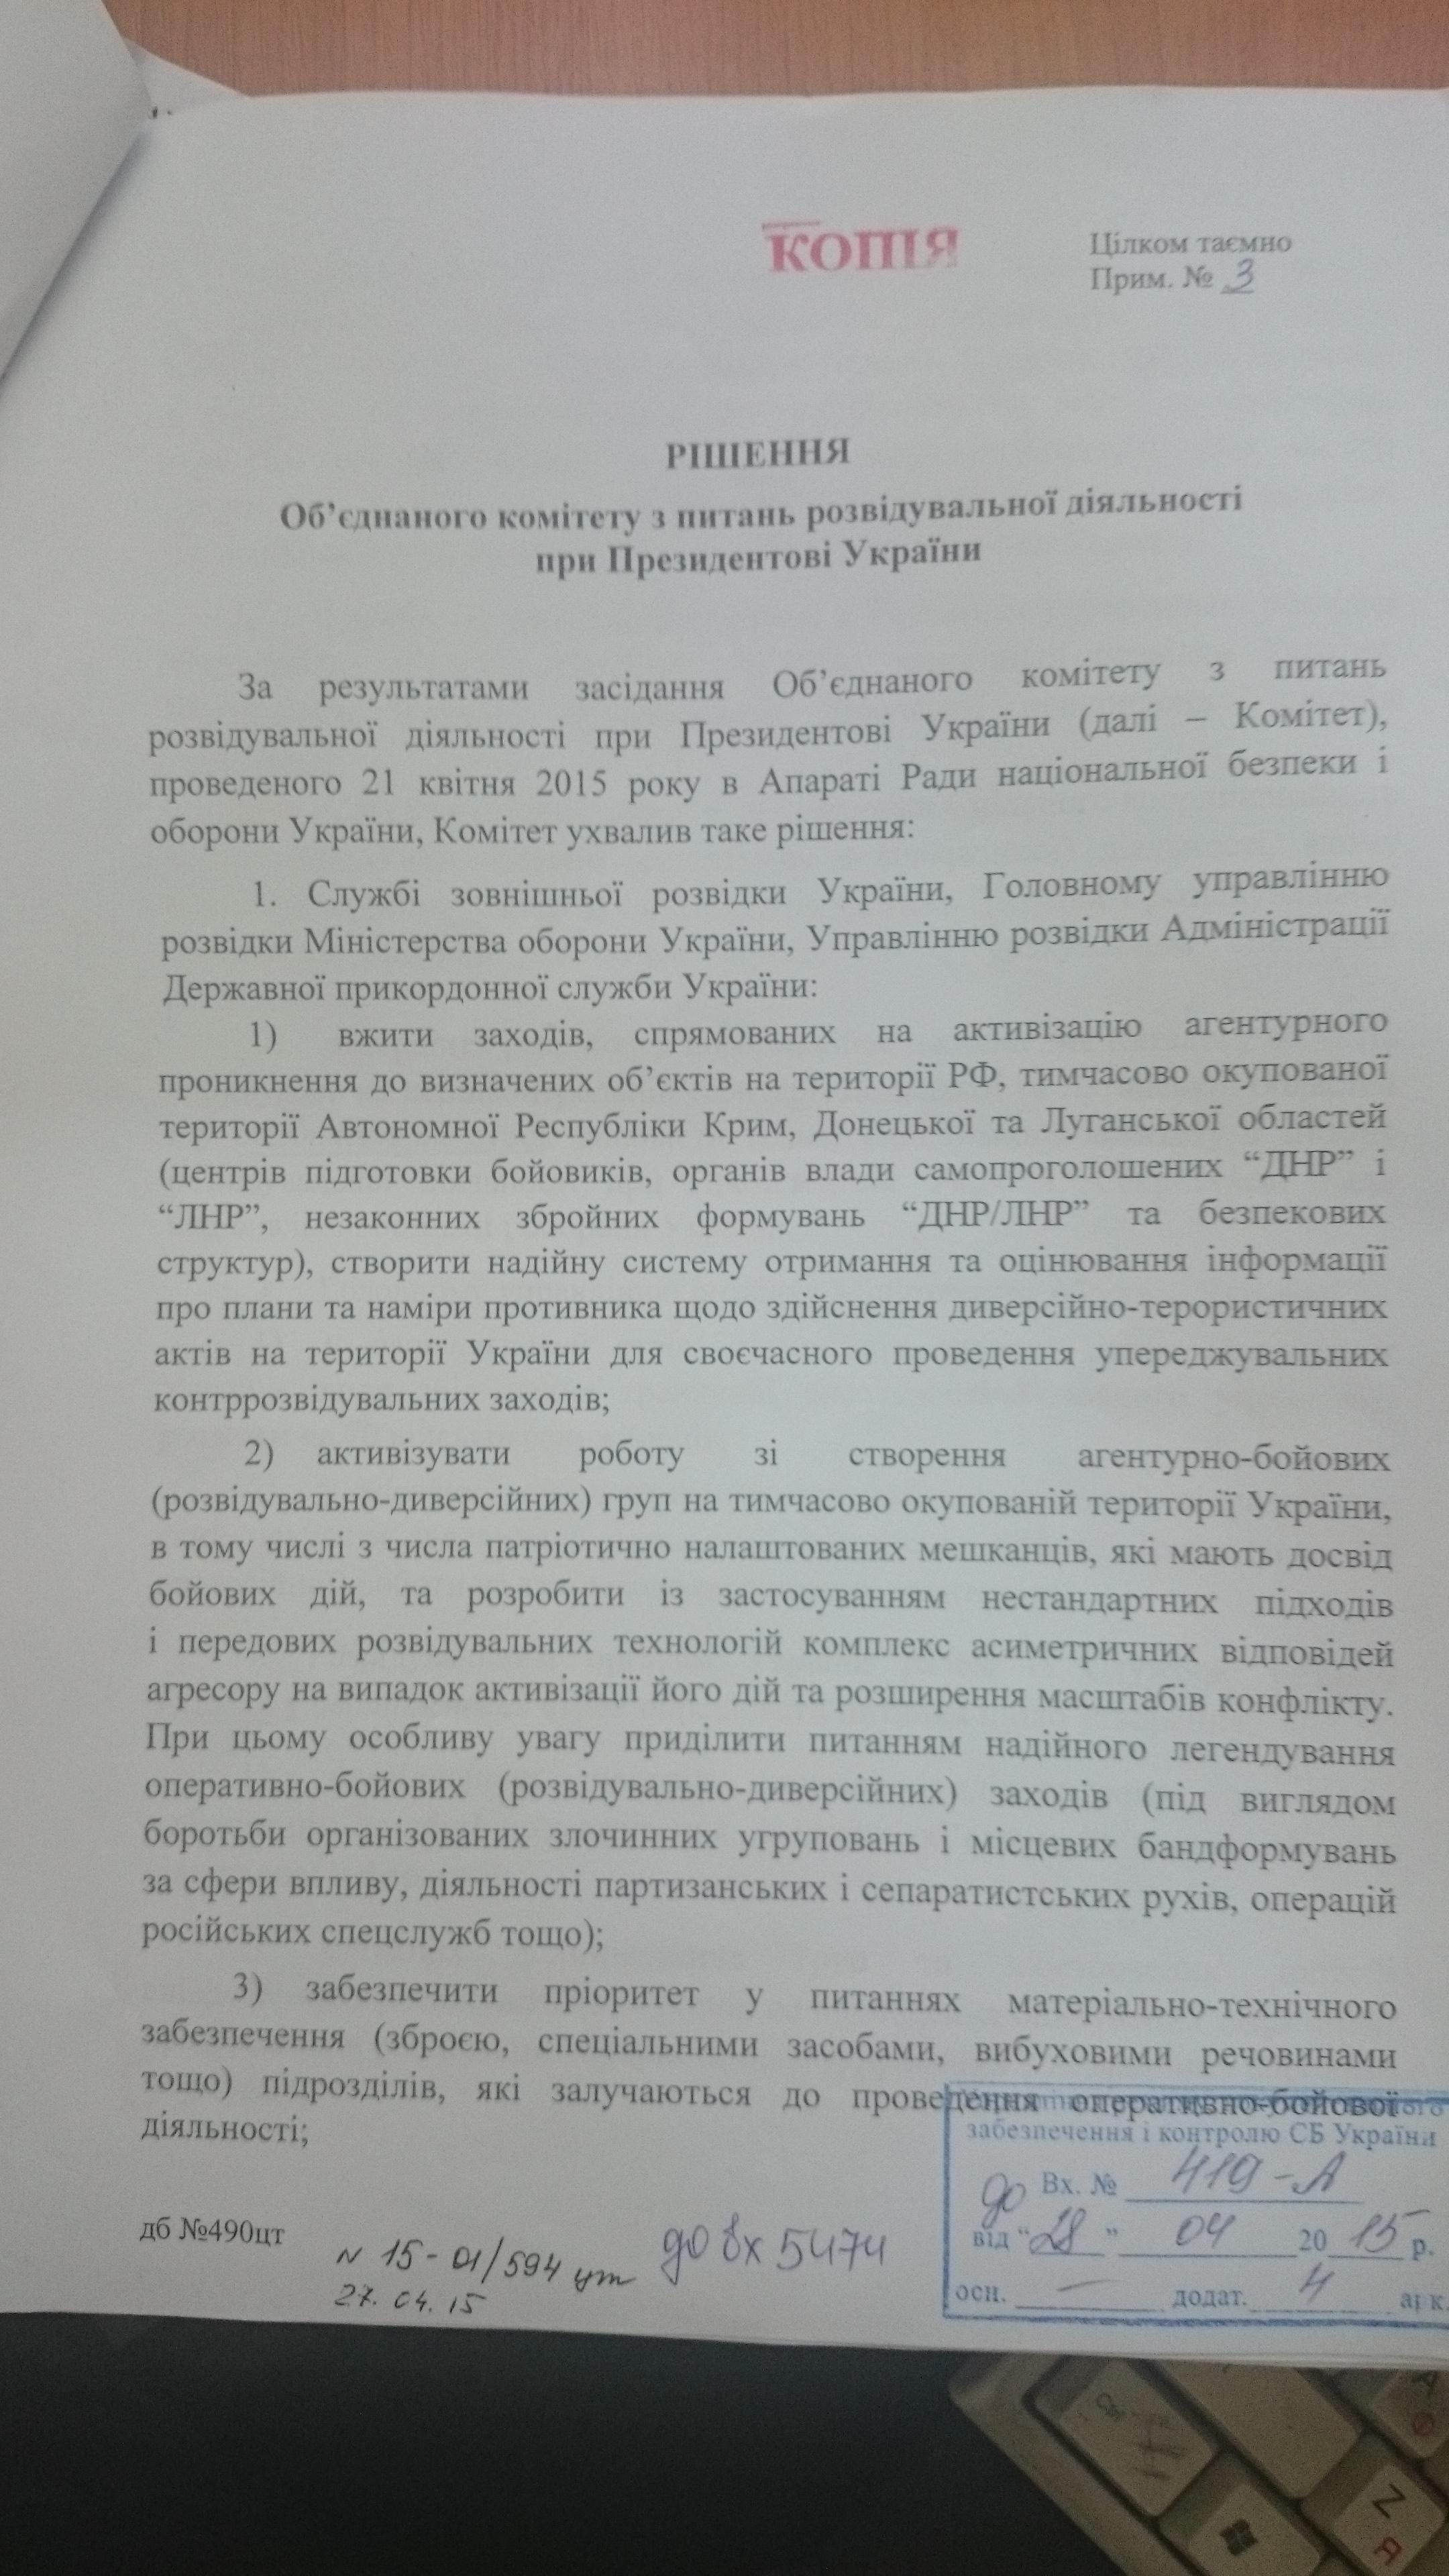 Décision du comité mixte de renseignement sous l'autorité du Président ukrainien en date du 21 avril 2015 (Page 1)